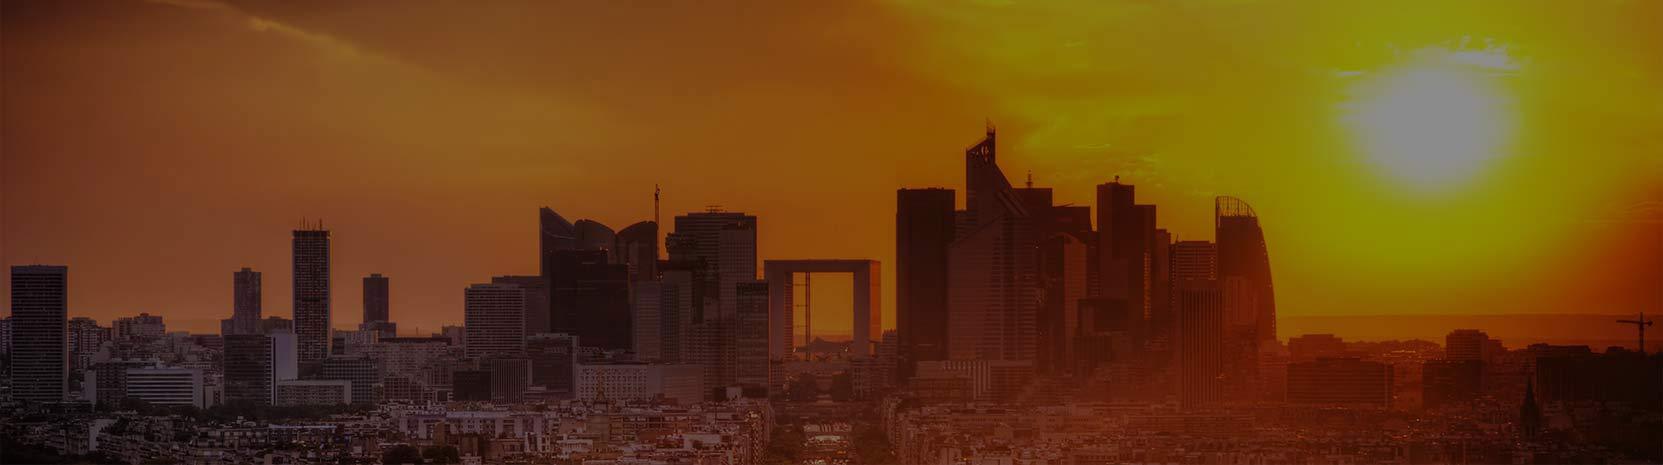 5 meilleurs endroits pour regarder un coucher de soleil paris lodgis blog - Heure de coucher du soleil 2015 ...